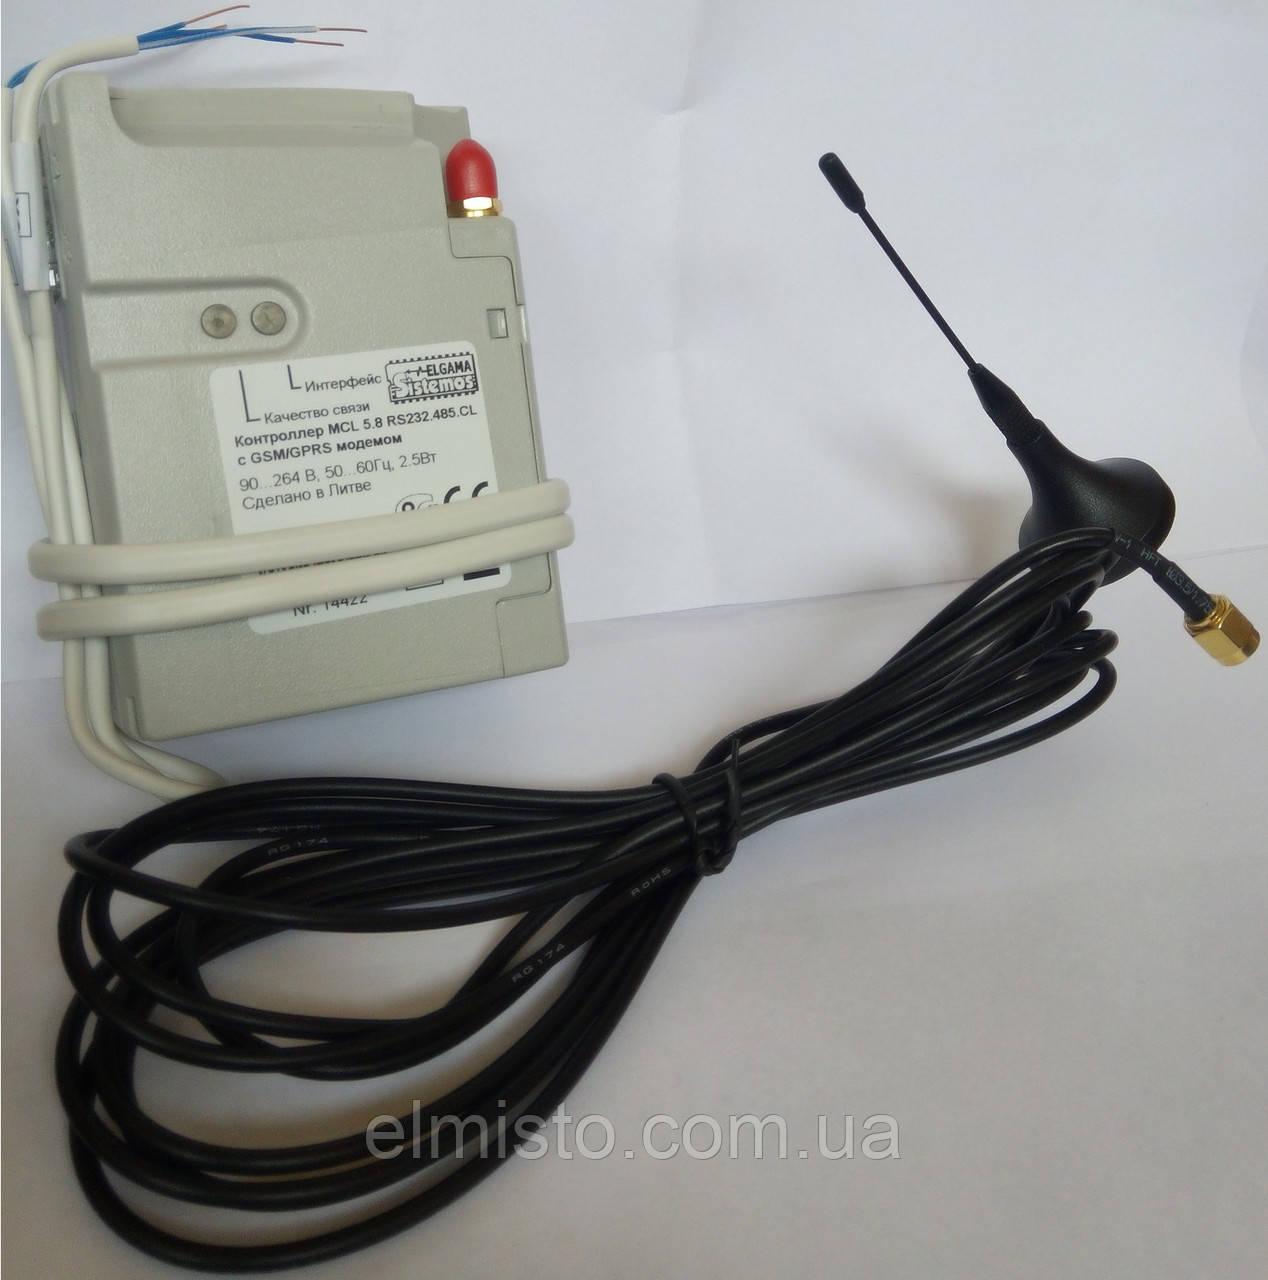 Контроллер MCL 5.10 RS232.485.CL (Elgama-Elektronika) с внутренним GSM / GPRS модемом к счетчикам GAMA 300 - ЭлМисто, предприятие в Харькове